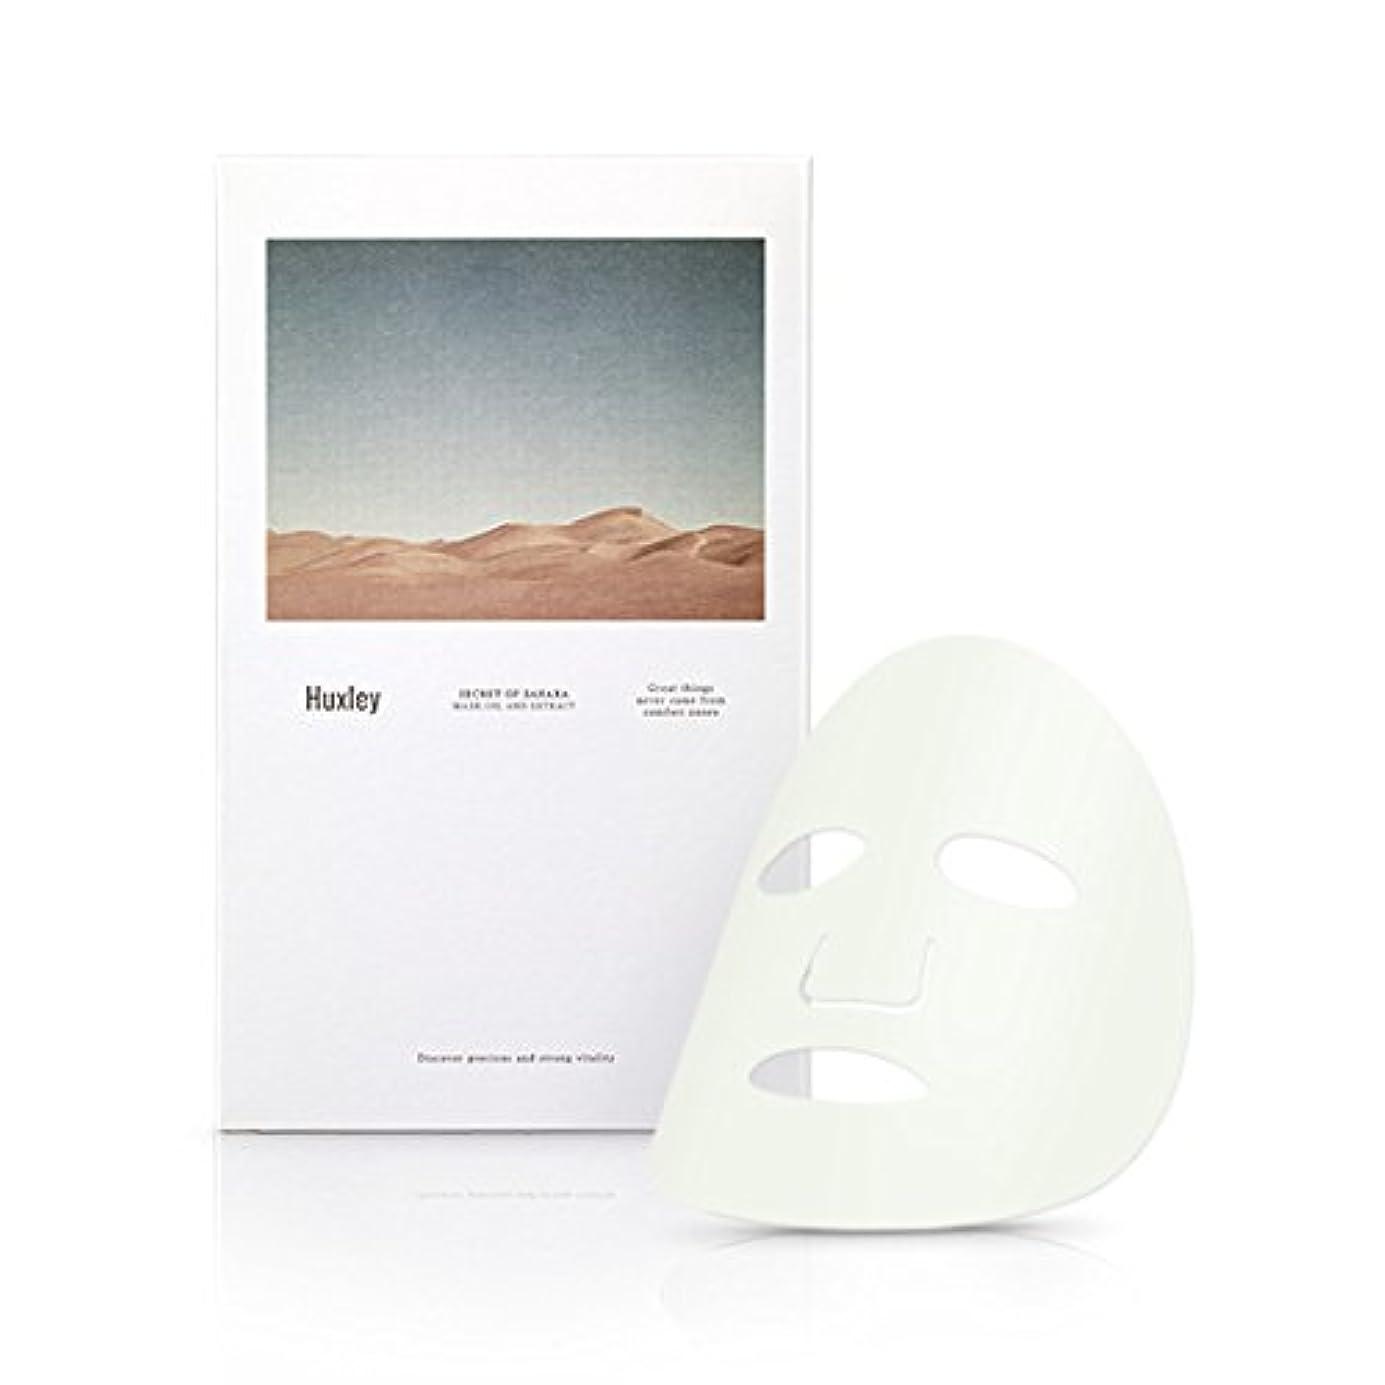 おばさん育成不均一Huxley Mask;Oil And Extract 25ml × 3ea/ハクスリー マスク;オイル アンド エクストラクト 25ml × 3枚 [並行輸入品]